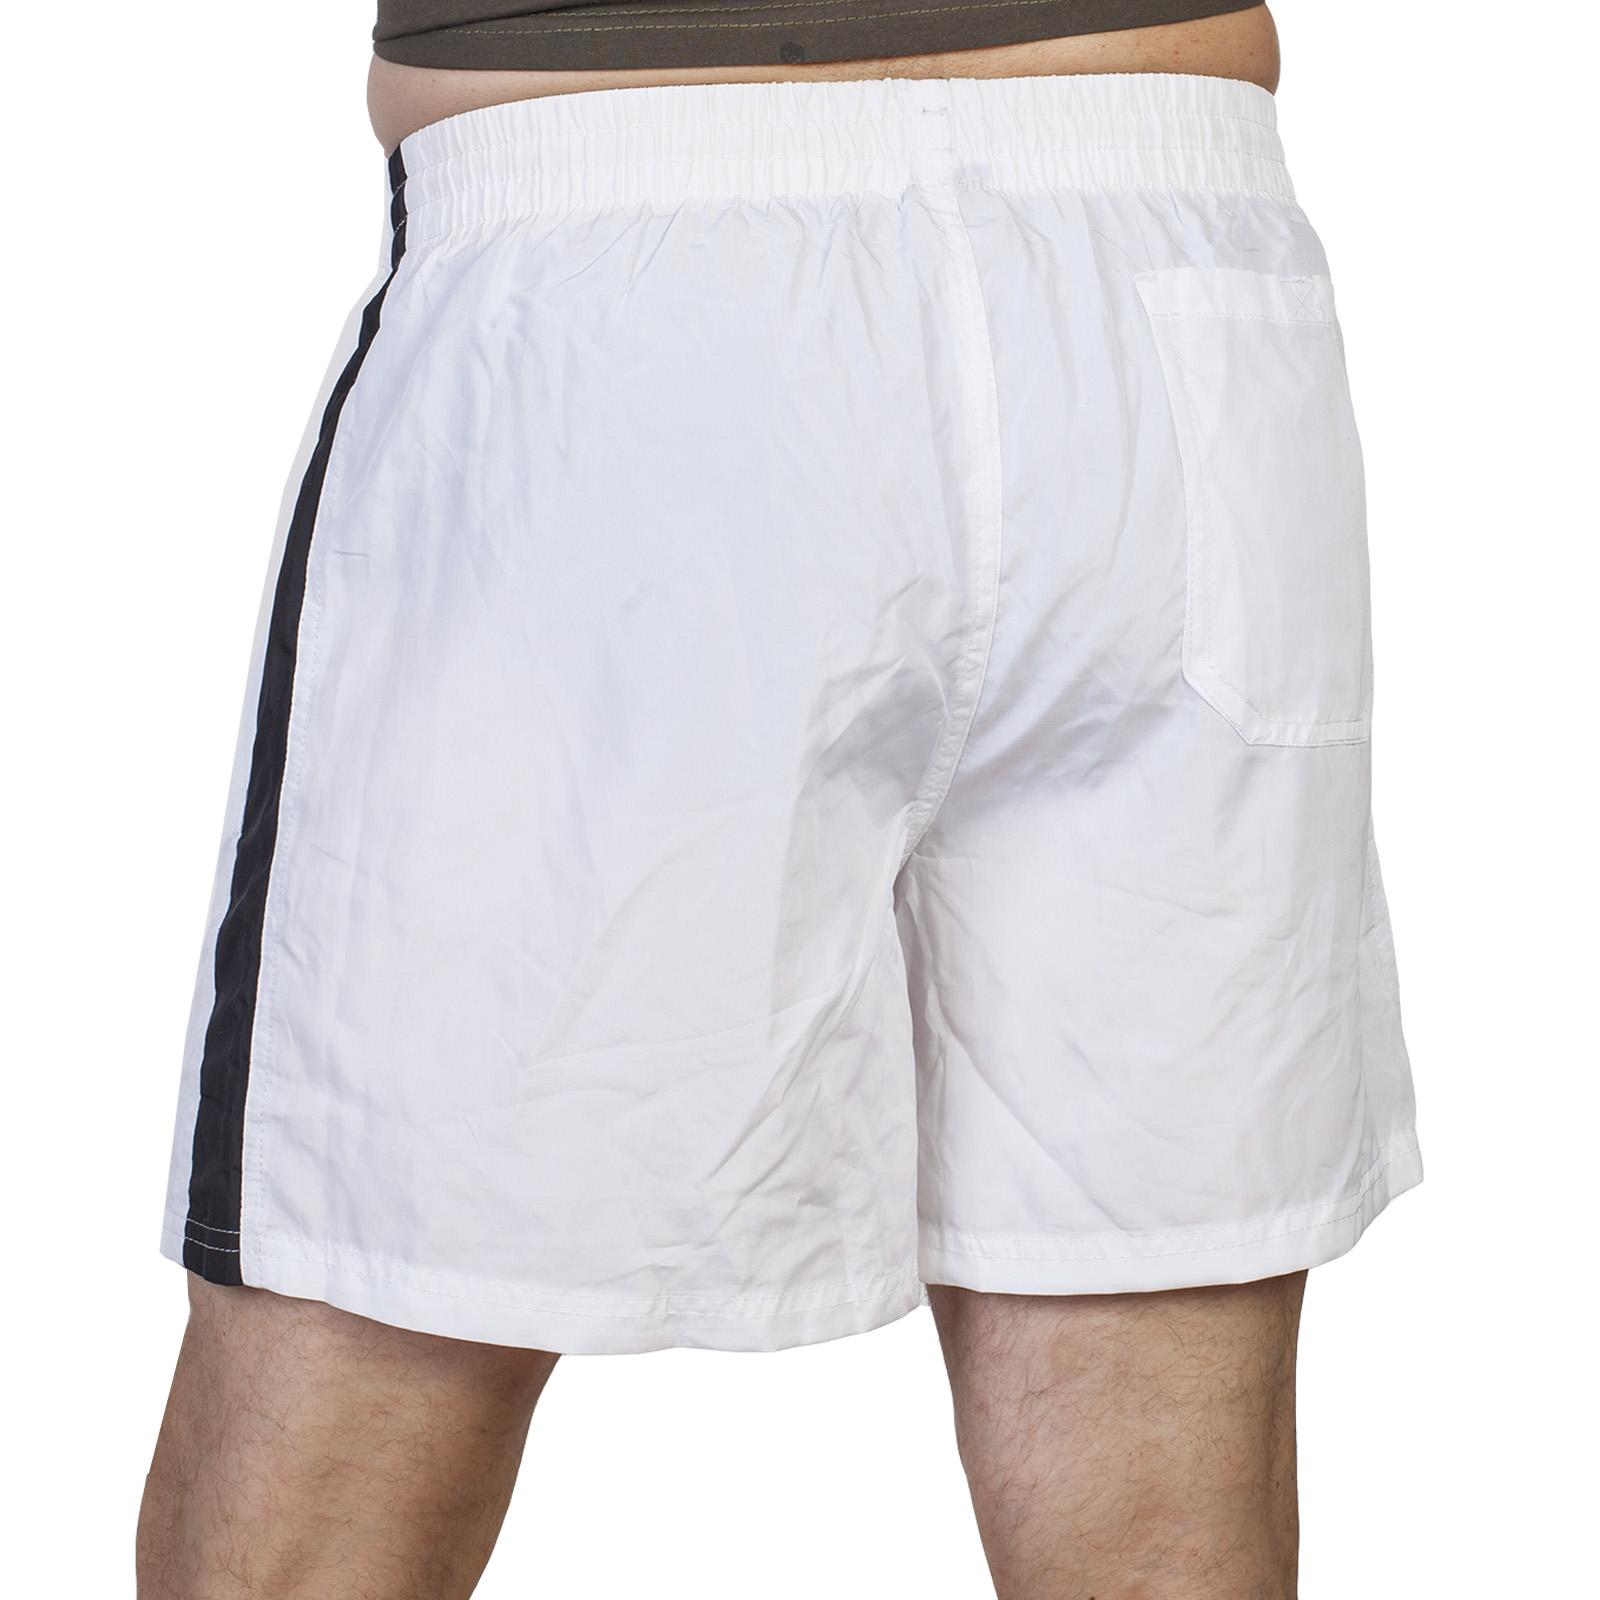 Шорты для парней – нарядный белый цвет